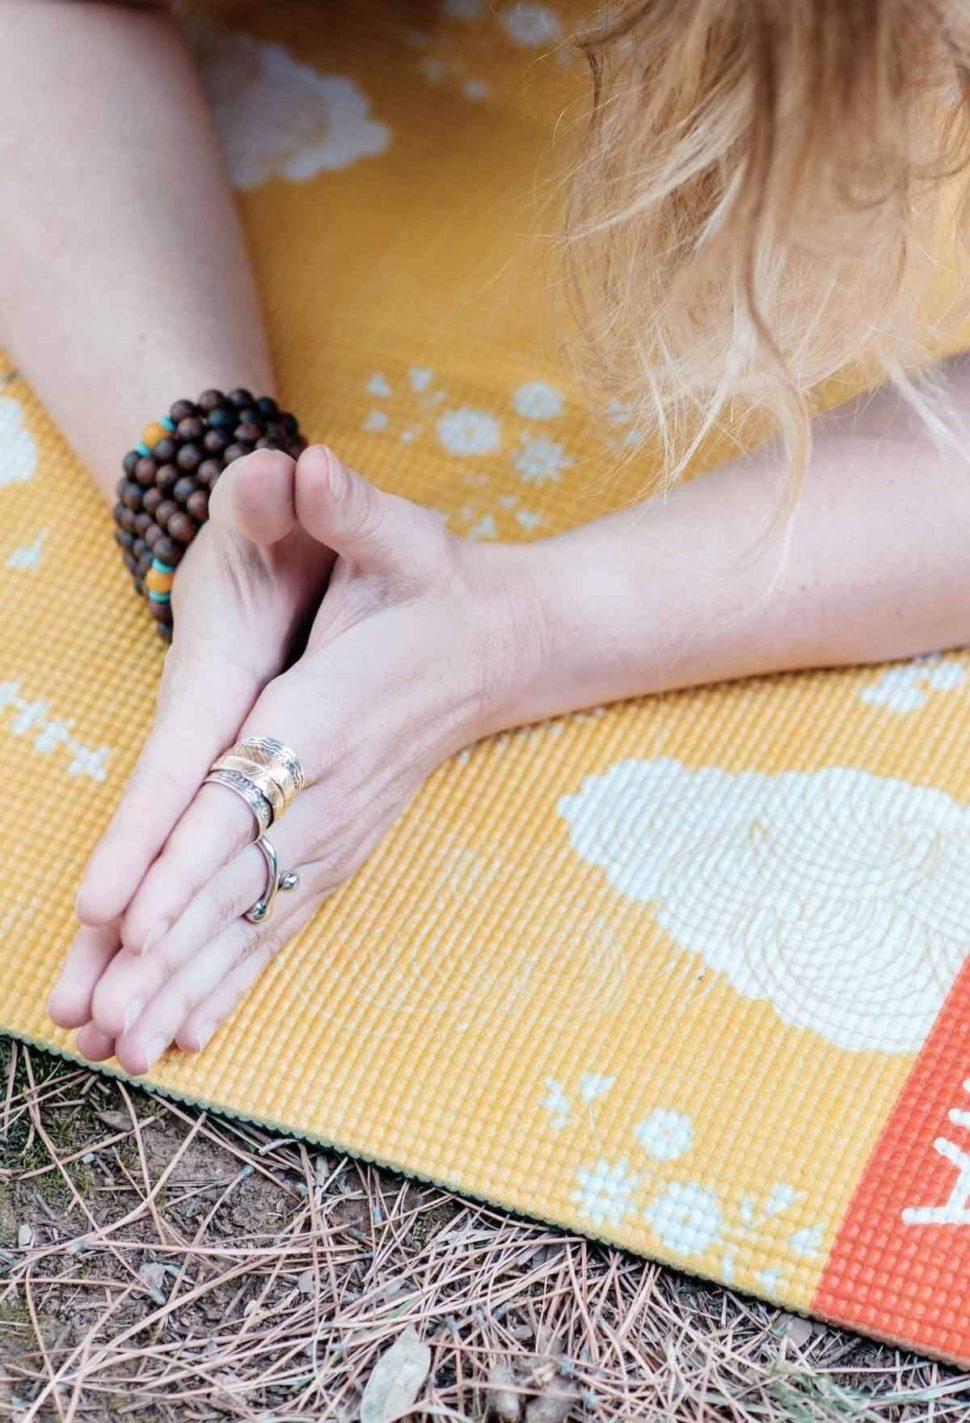 Krásná designová jóga podložka s vysokou kvalitou pro domácí jógu i jógu ve studiu.